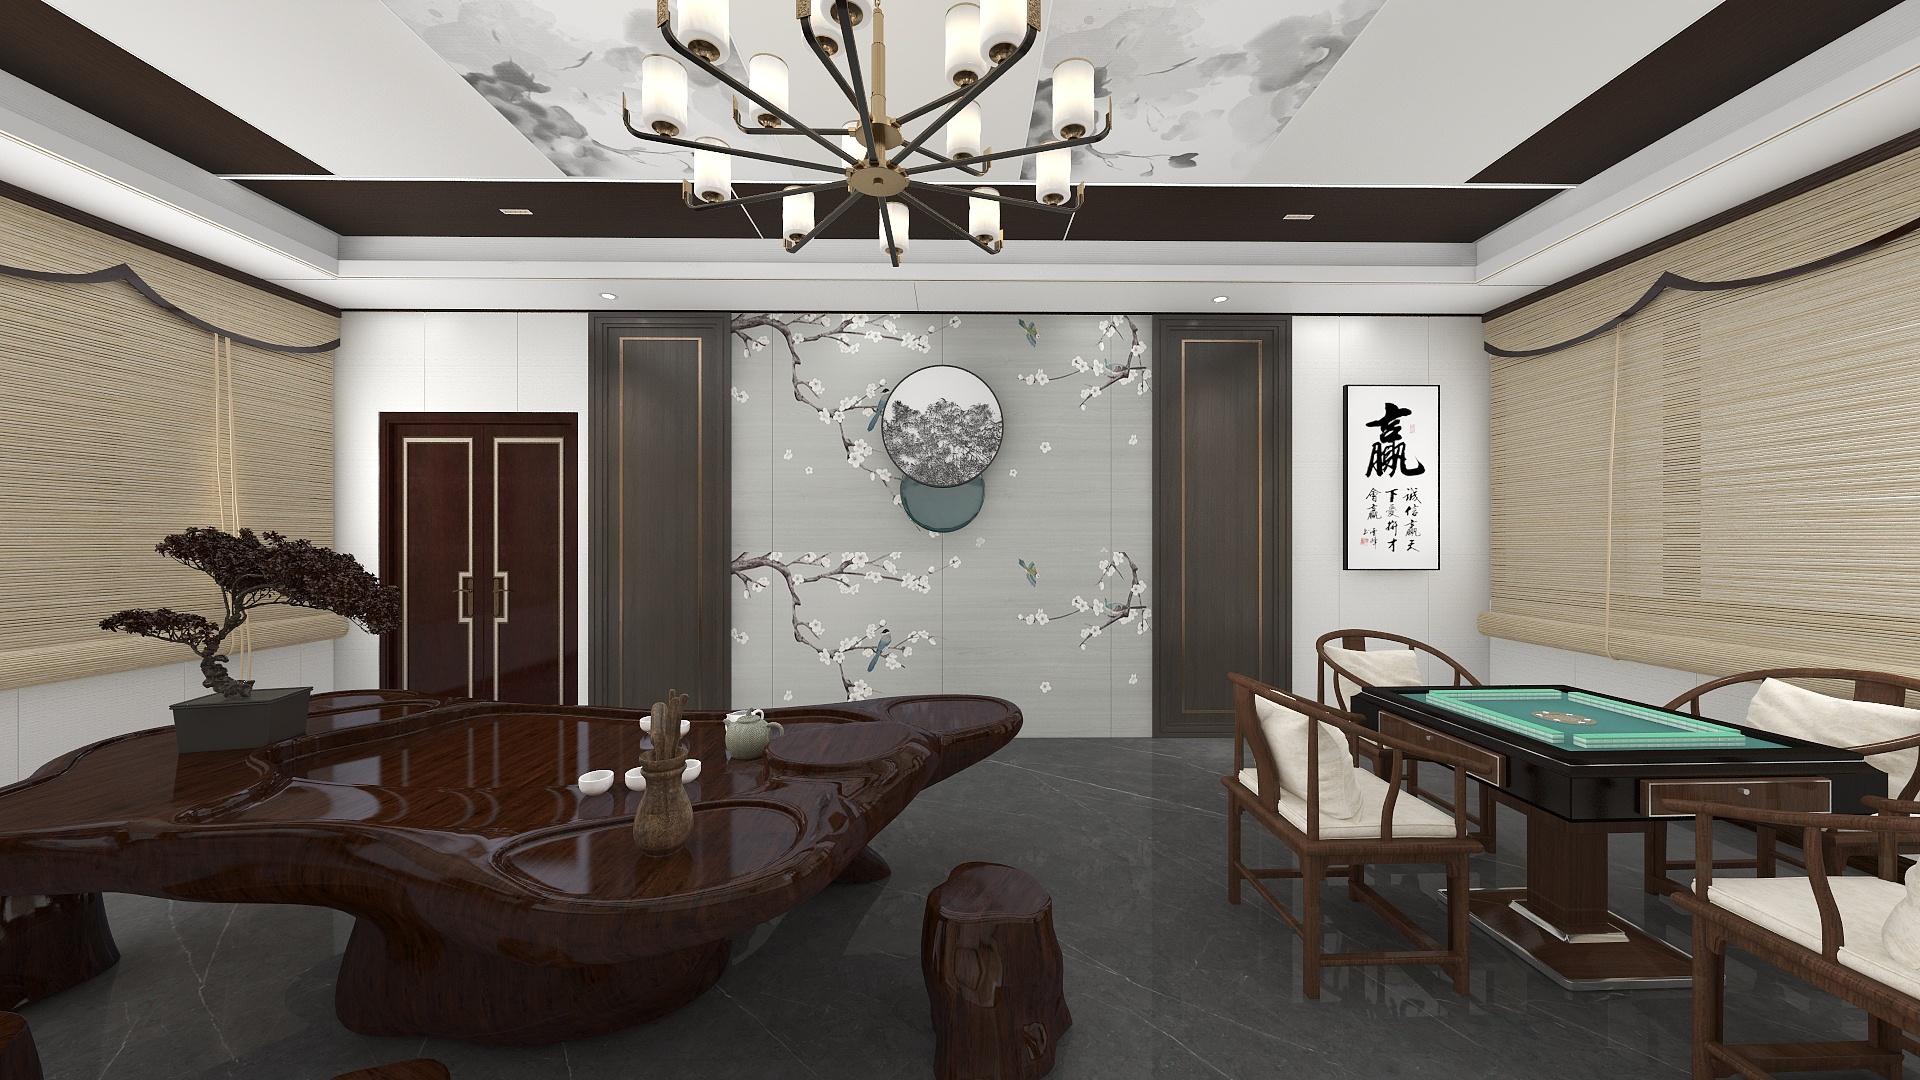 湖北省-武穴市-新中式风格